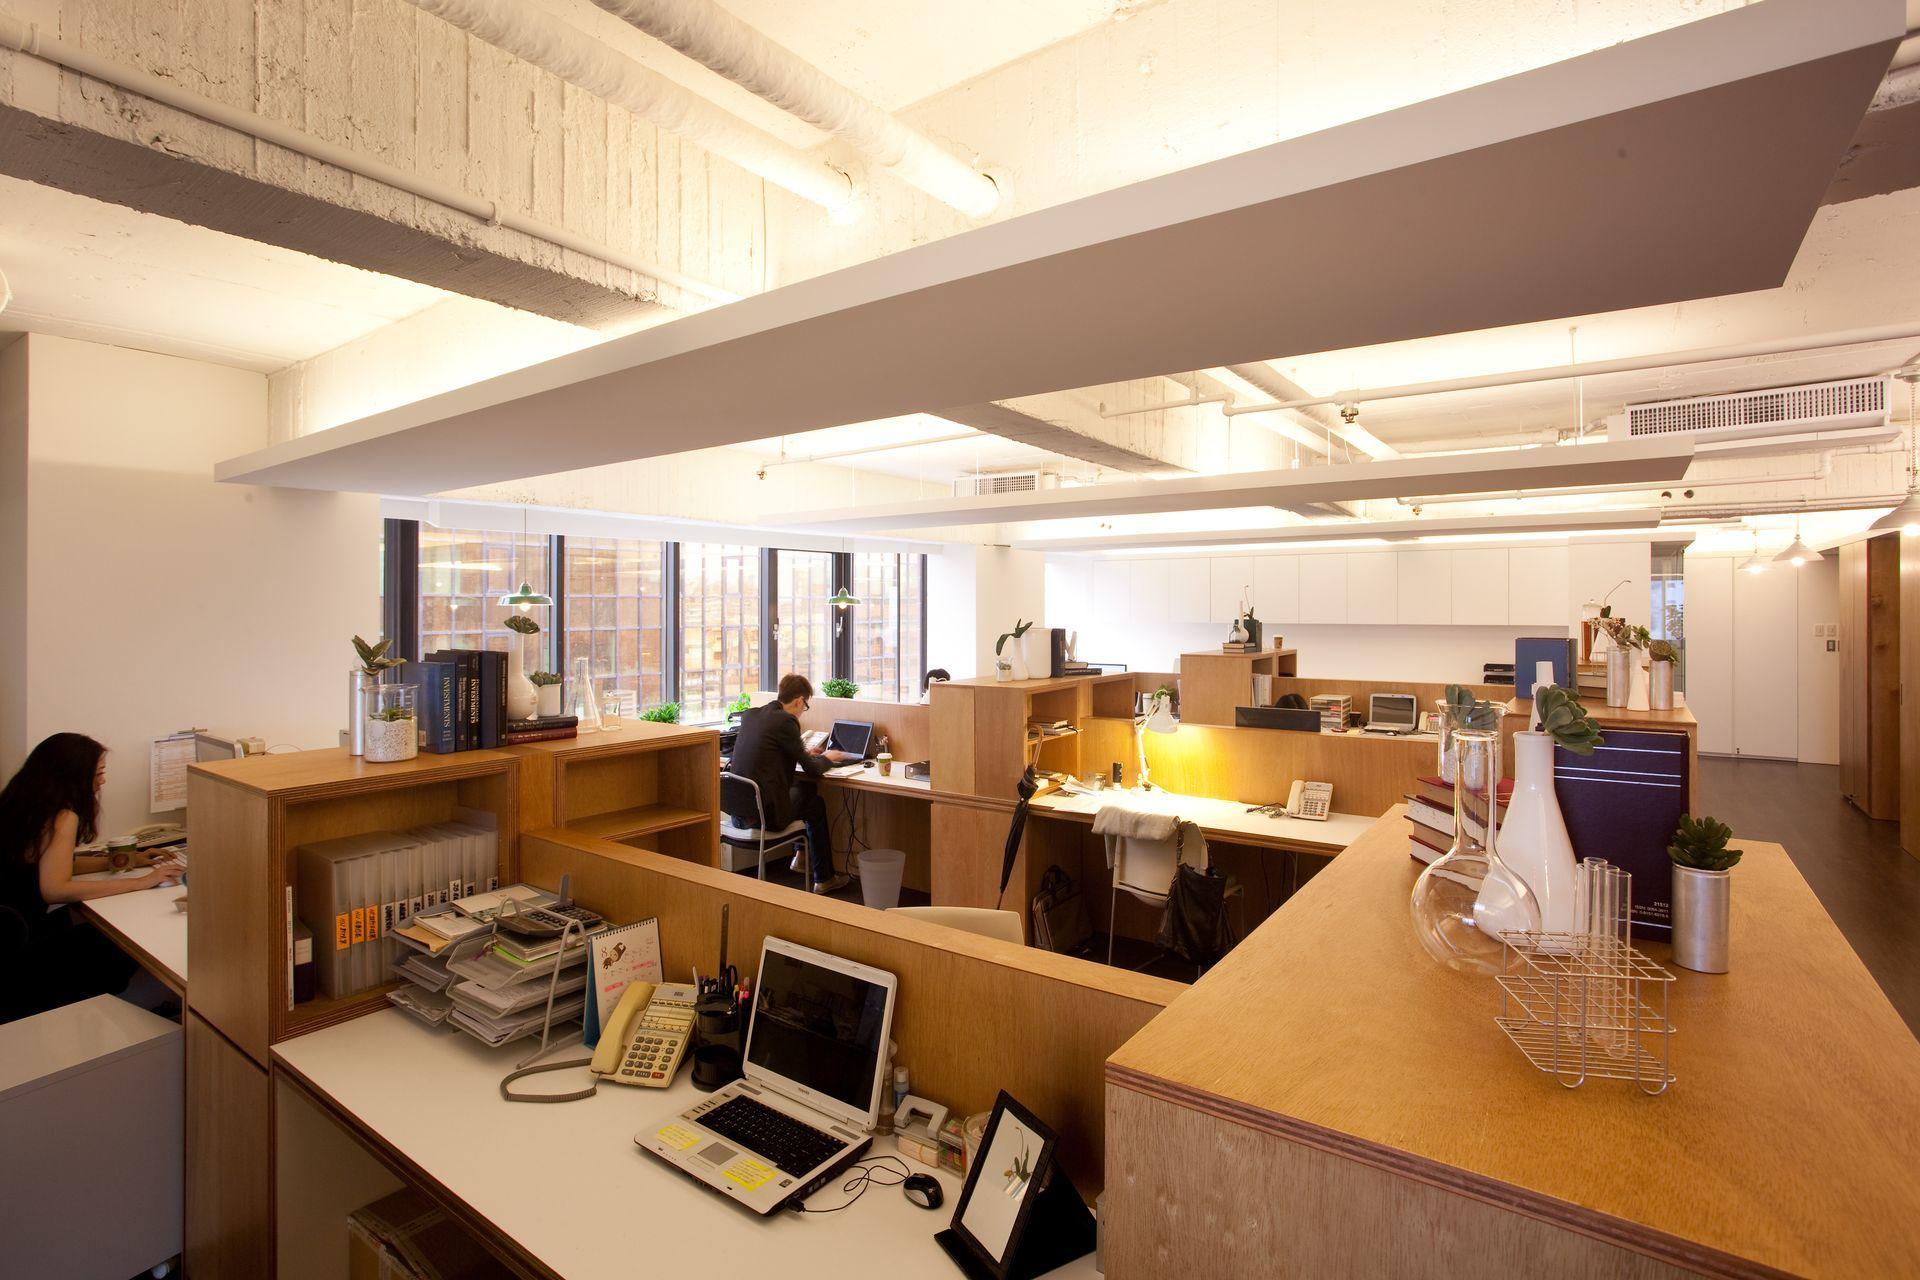 beyoung 辦公室